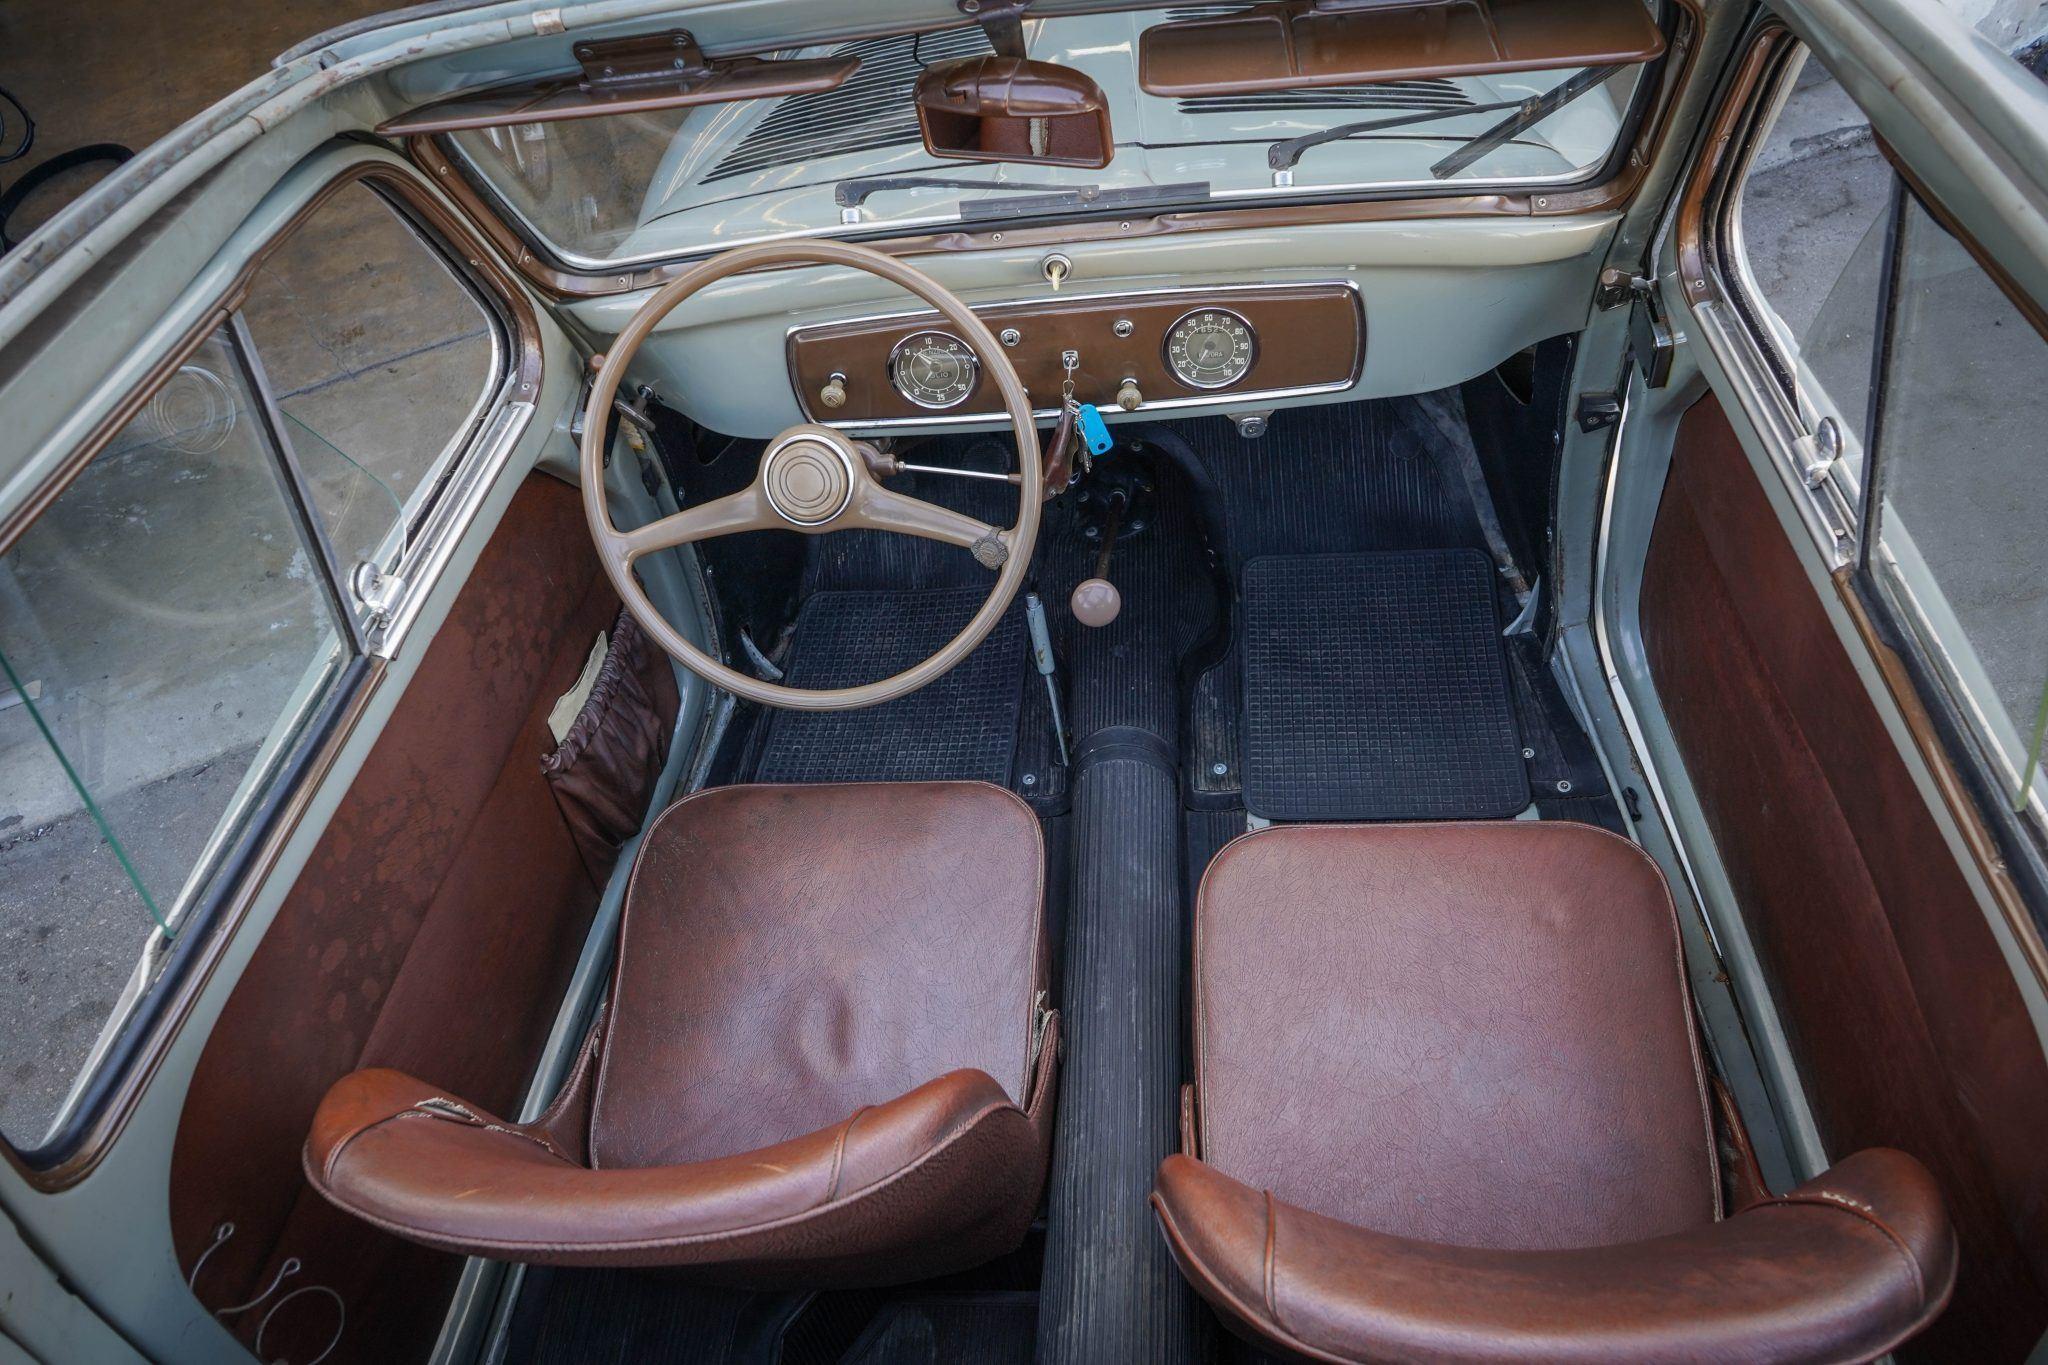 Fiat-500-Belvedere-1953-596-CC-met-4-versnellingen--(5)